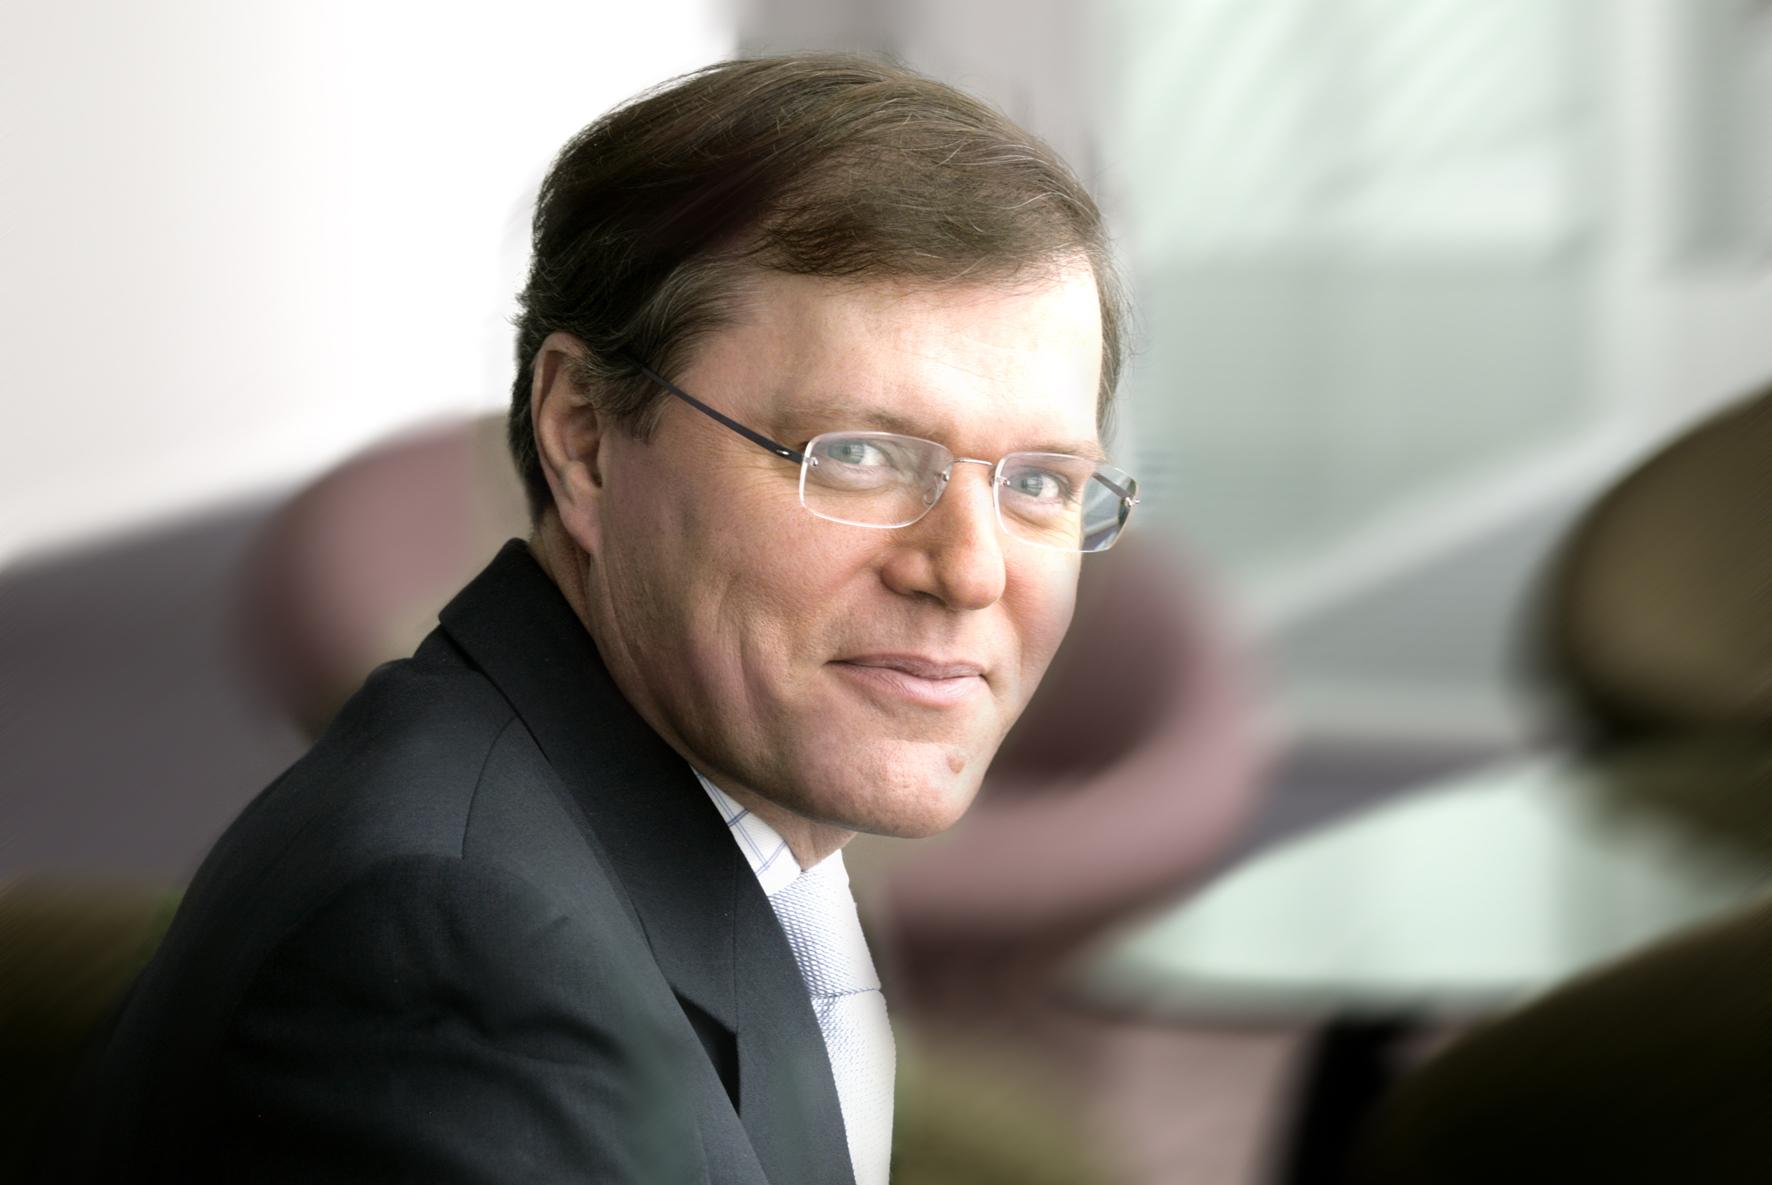 Olivier Piou, chief executive officer, Gemalto